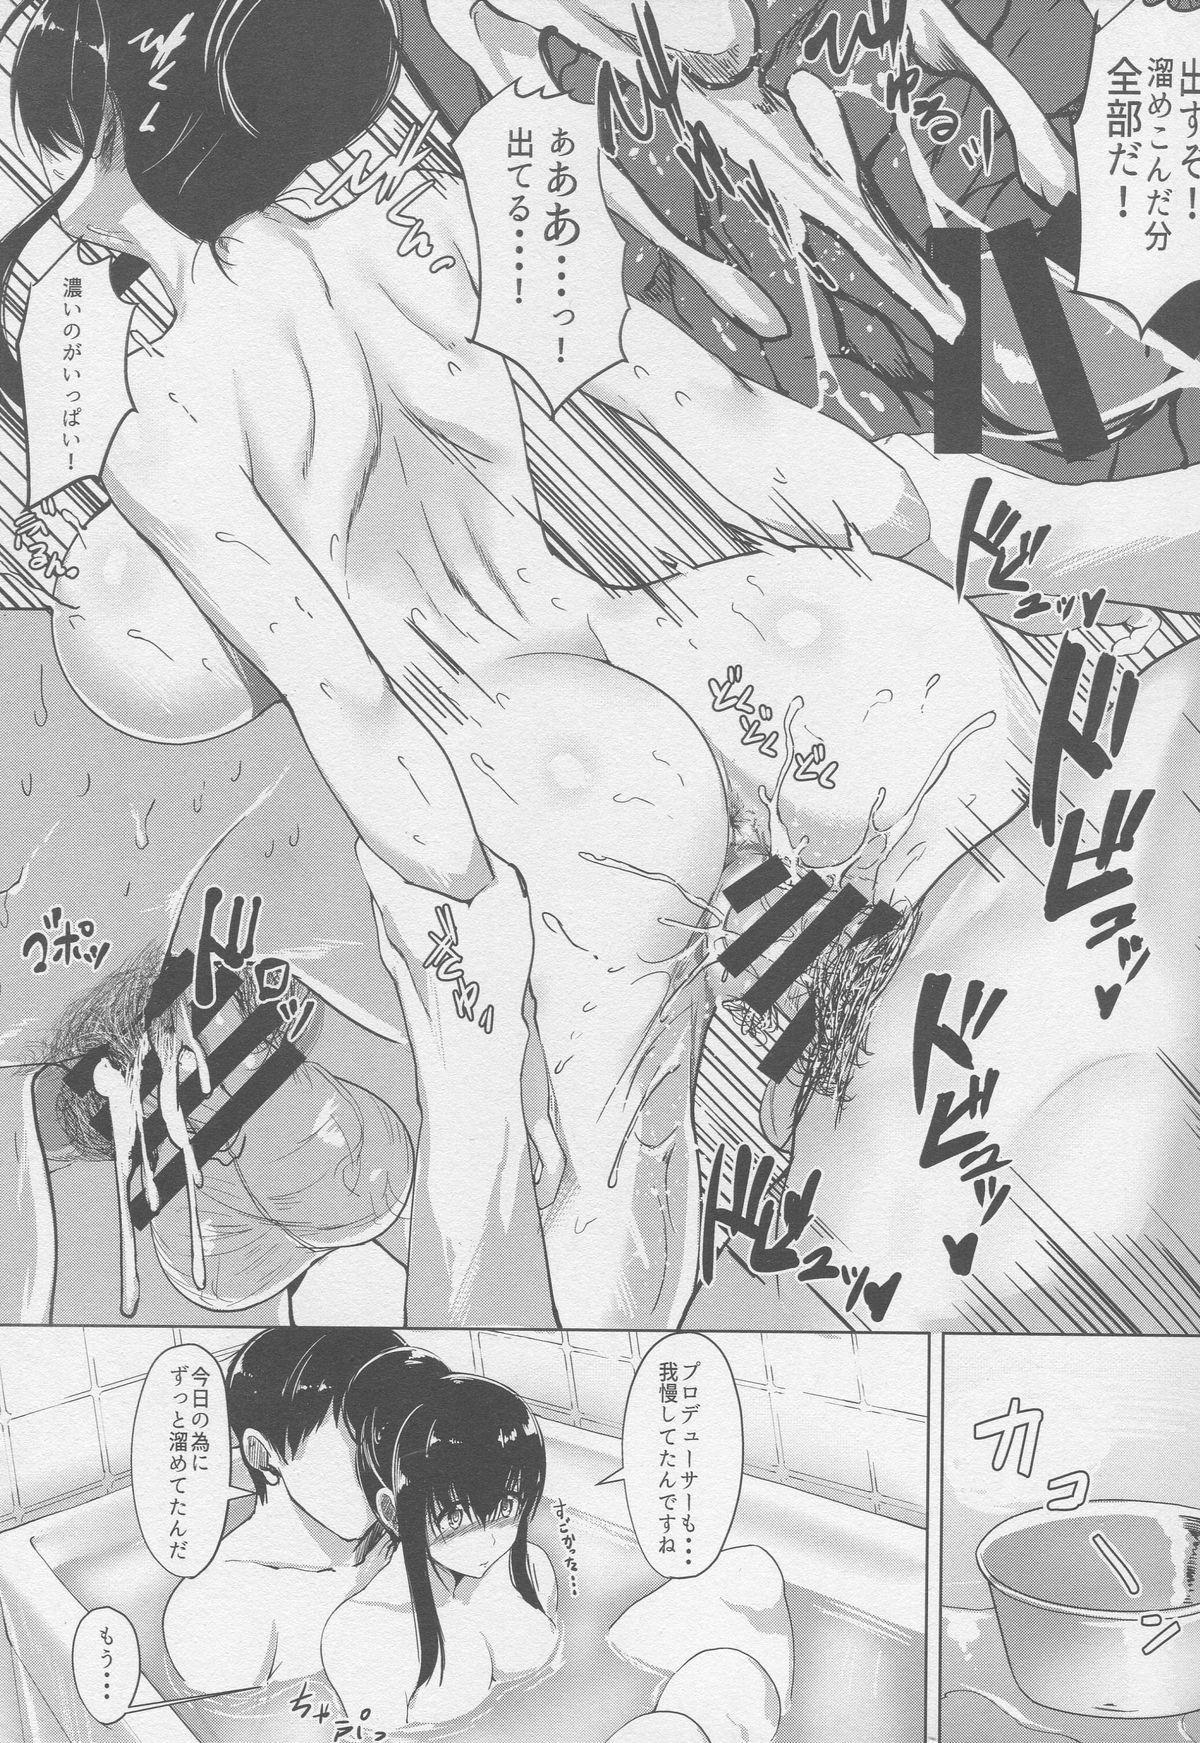 Konna nimo Itooshii 2 9